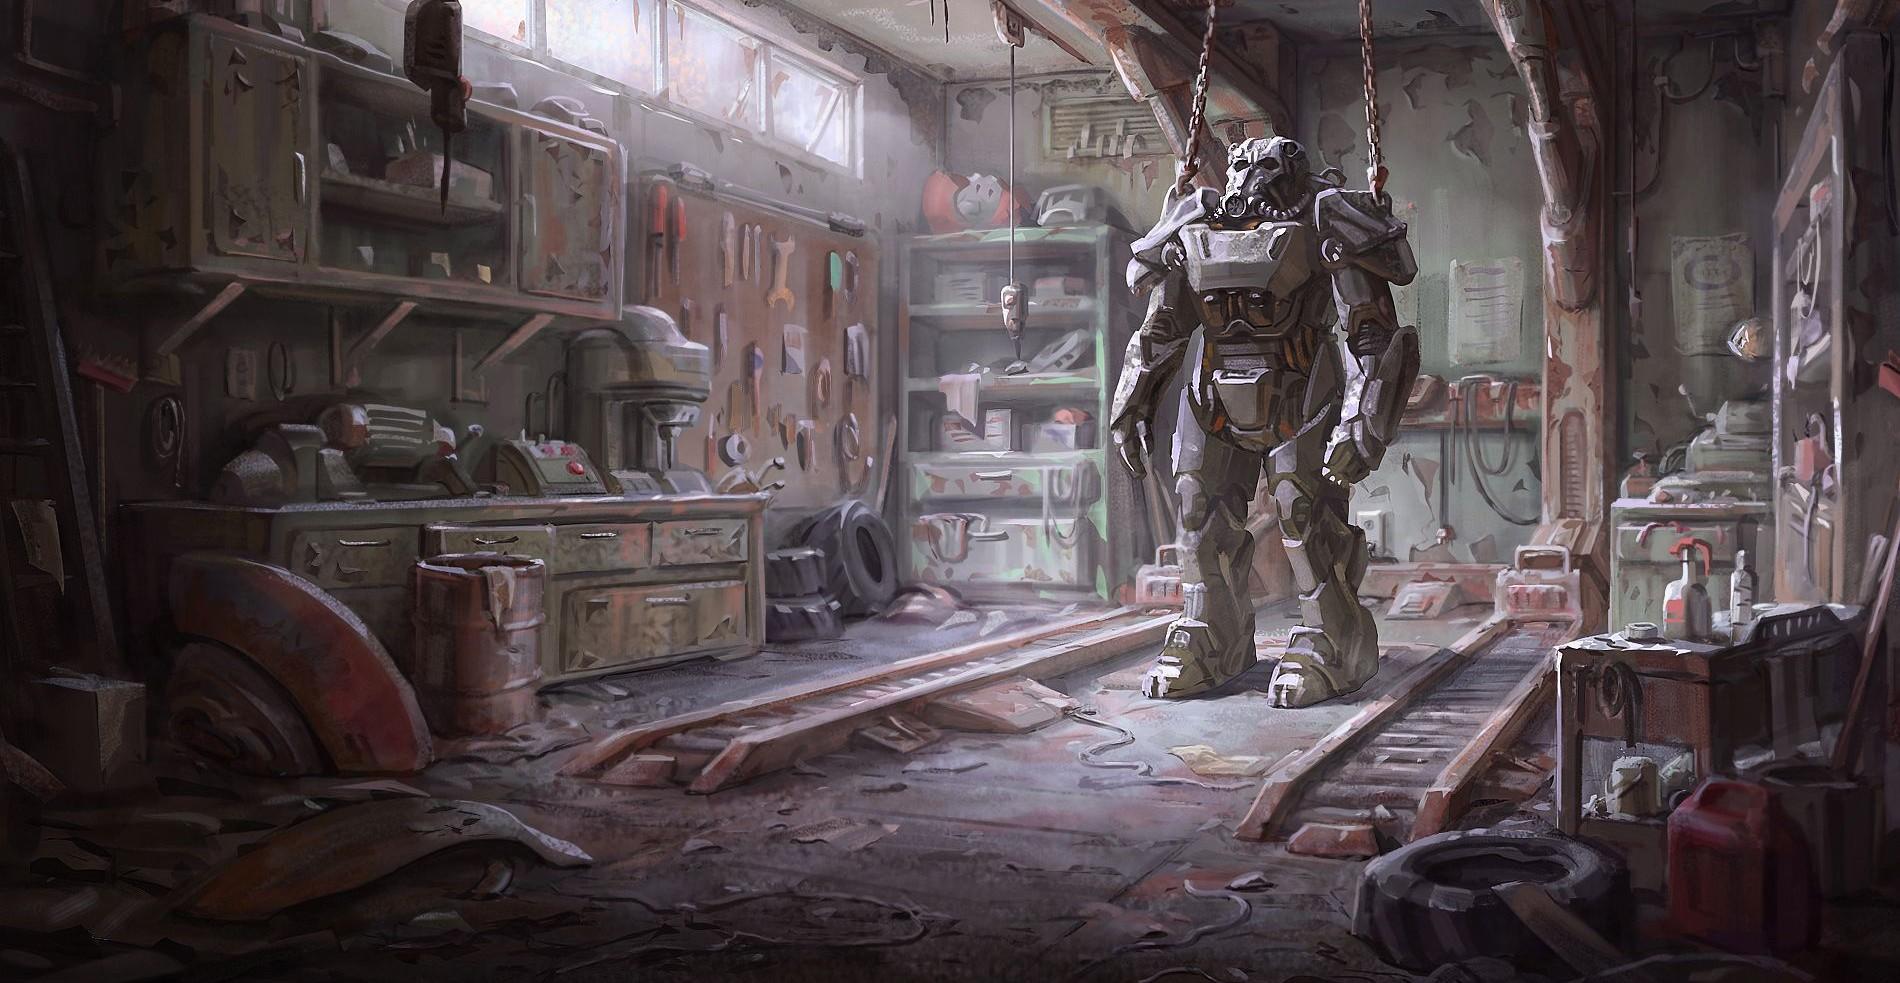 Fallout 4 spotkał się ze zmasowaną krytyką graczy. Nie dziwię się – oto jego 7 grzechów głównych